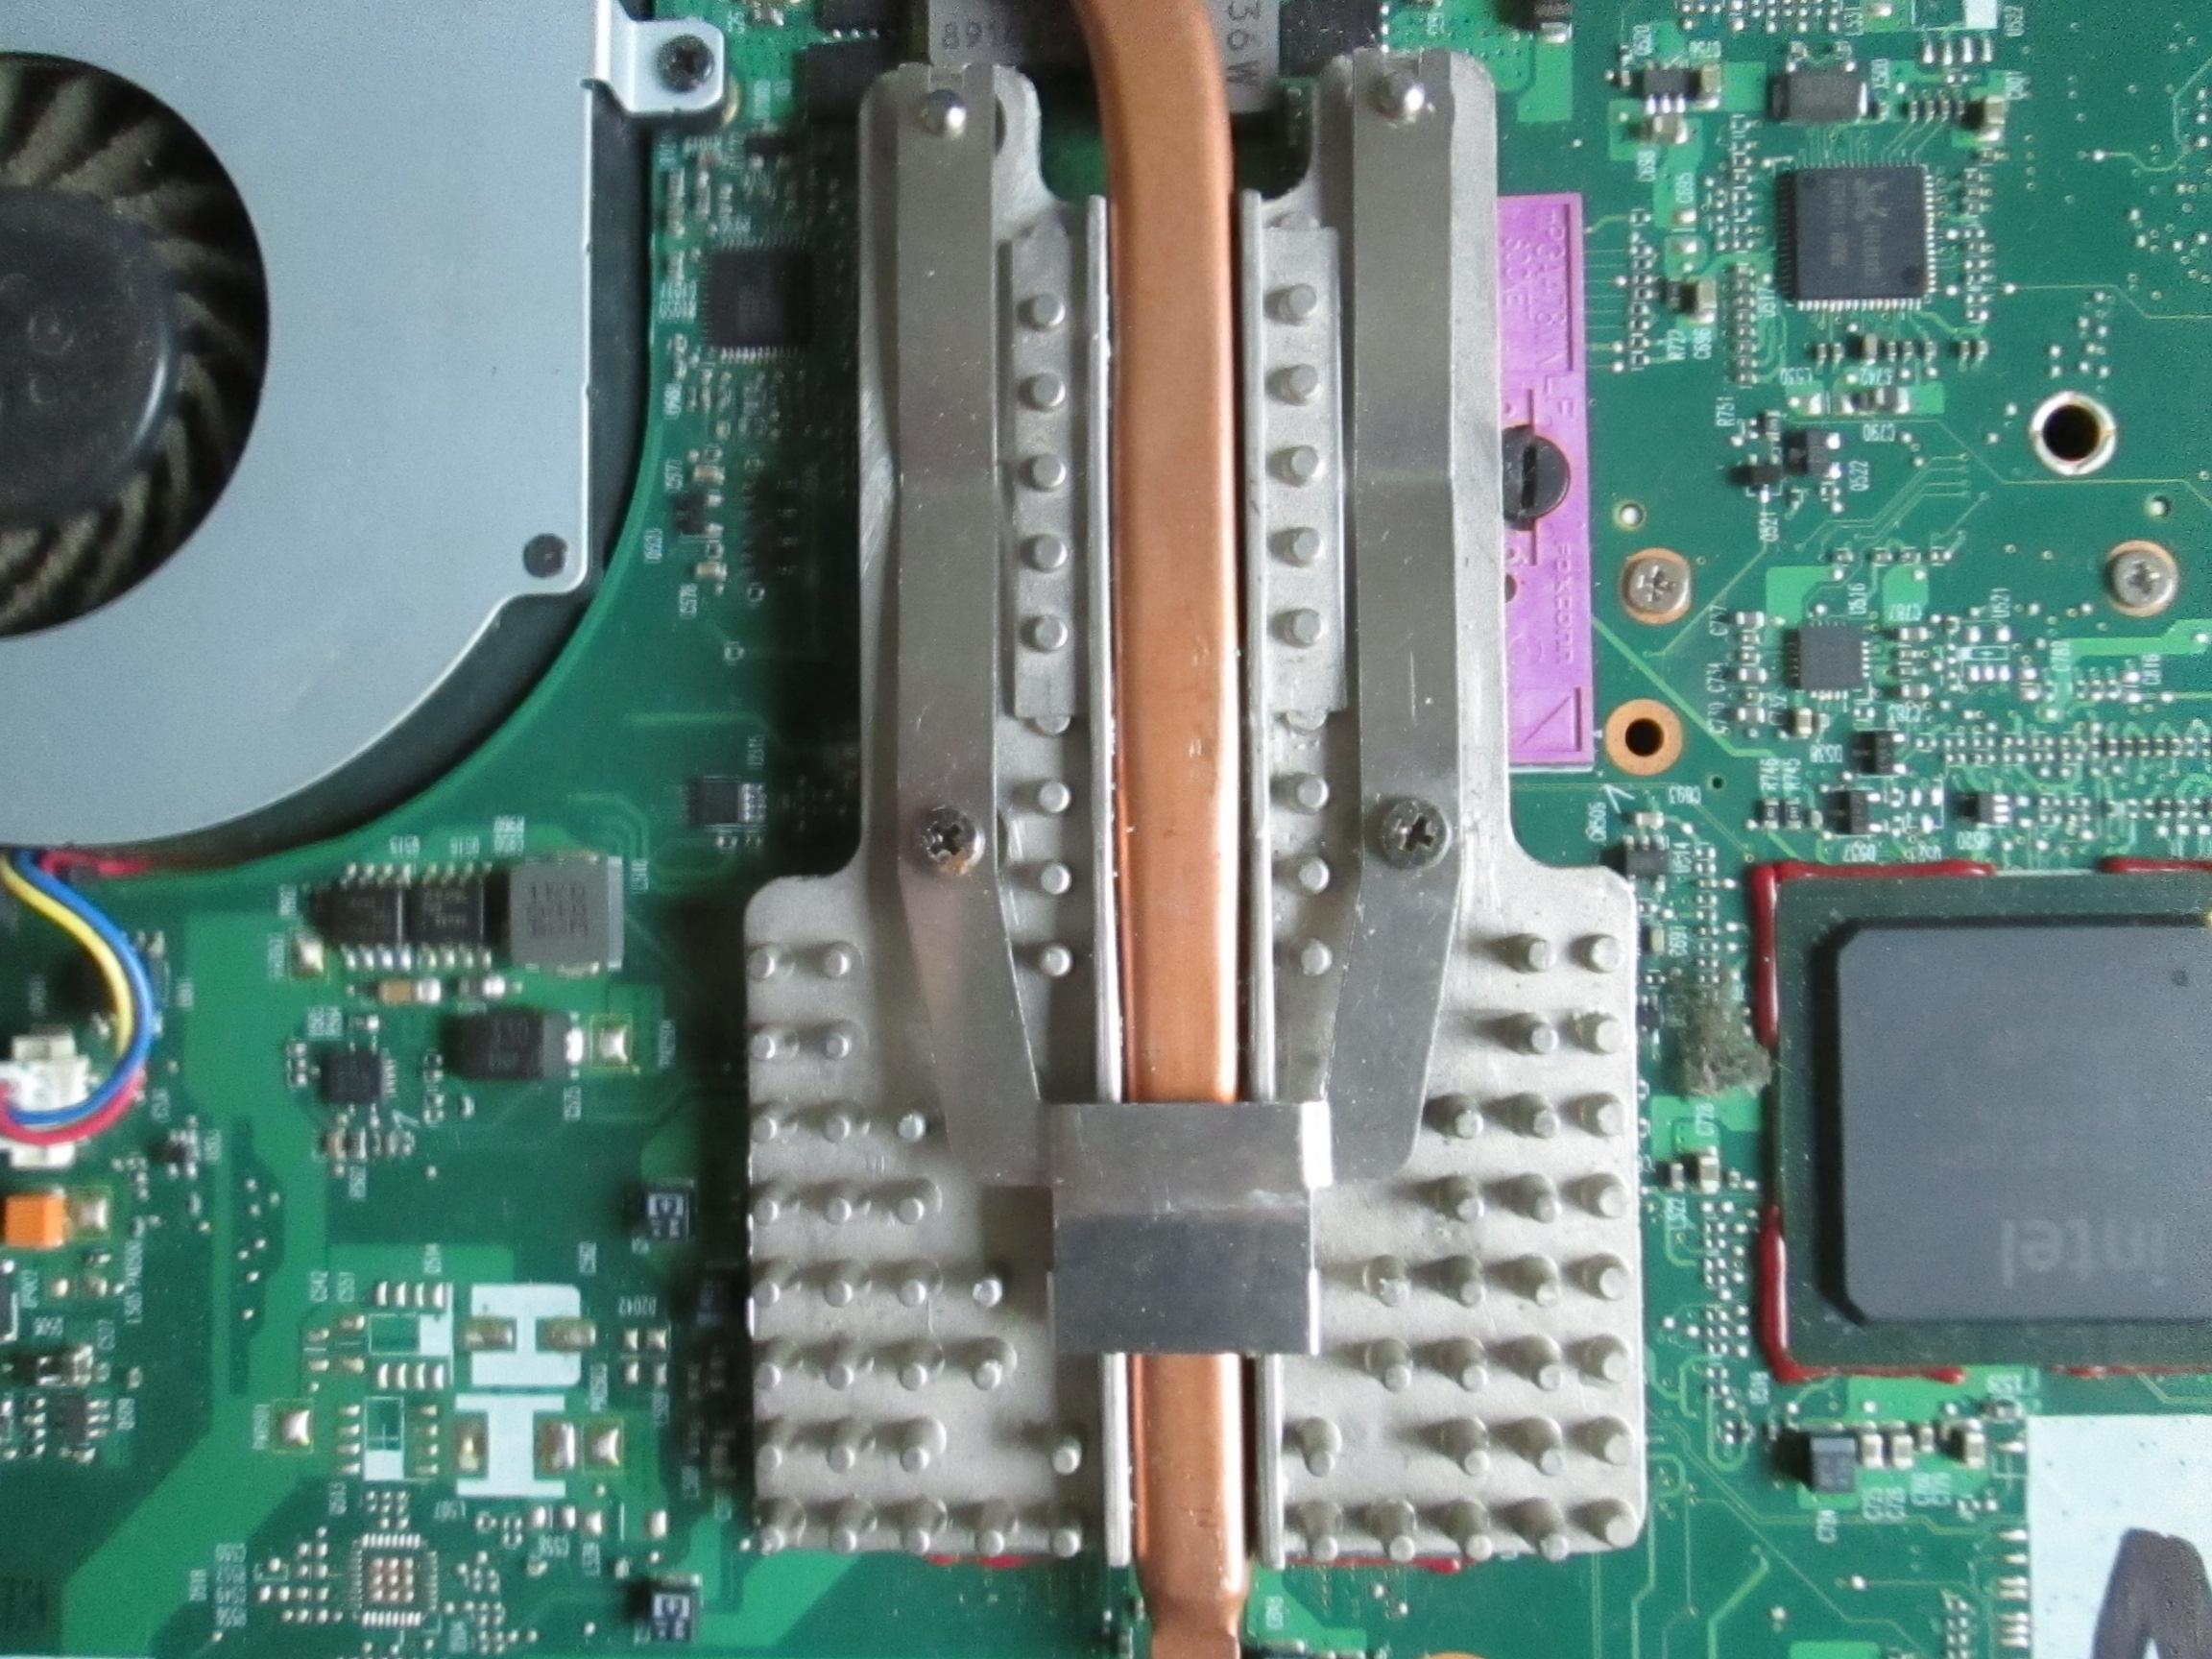 6050A2170401 MB A03 6050A2170401 MB A03 Toshiba Satellite L300 Mo